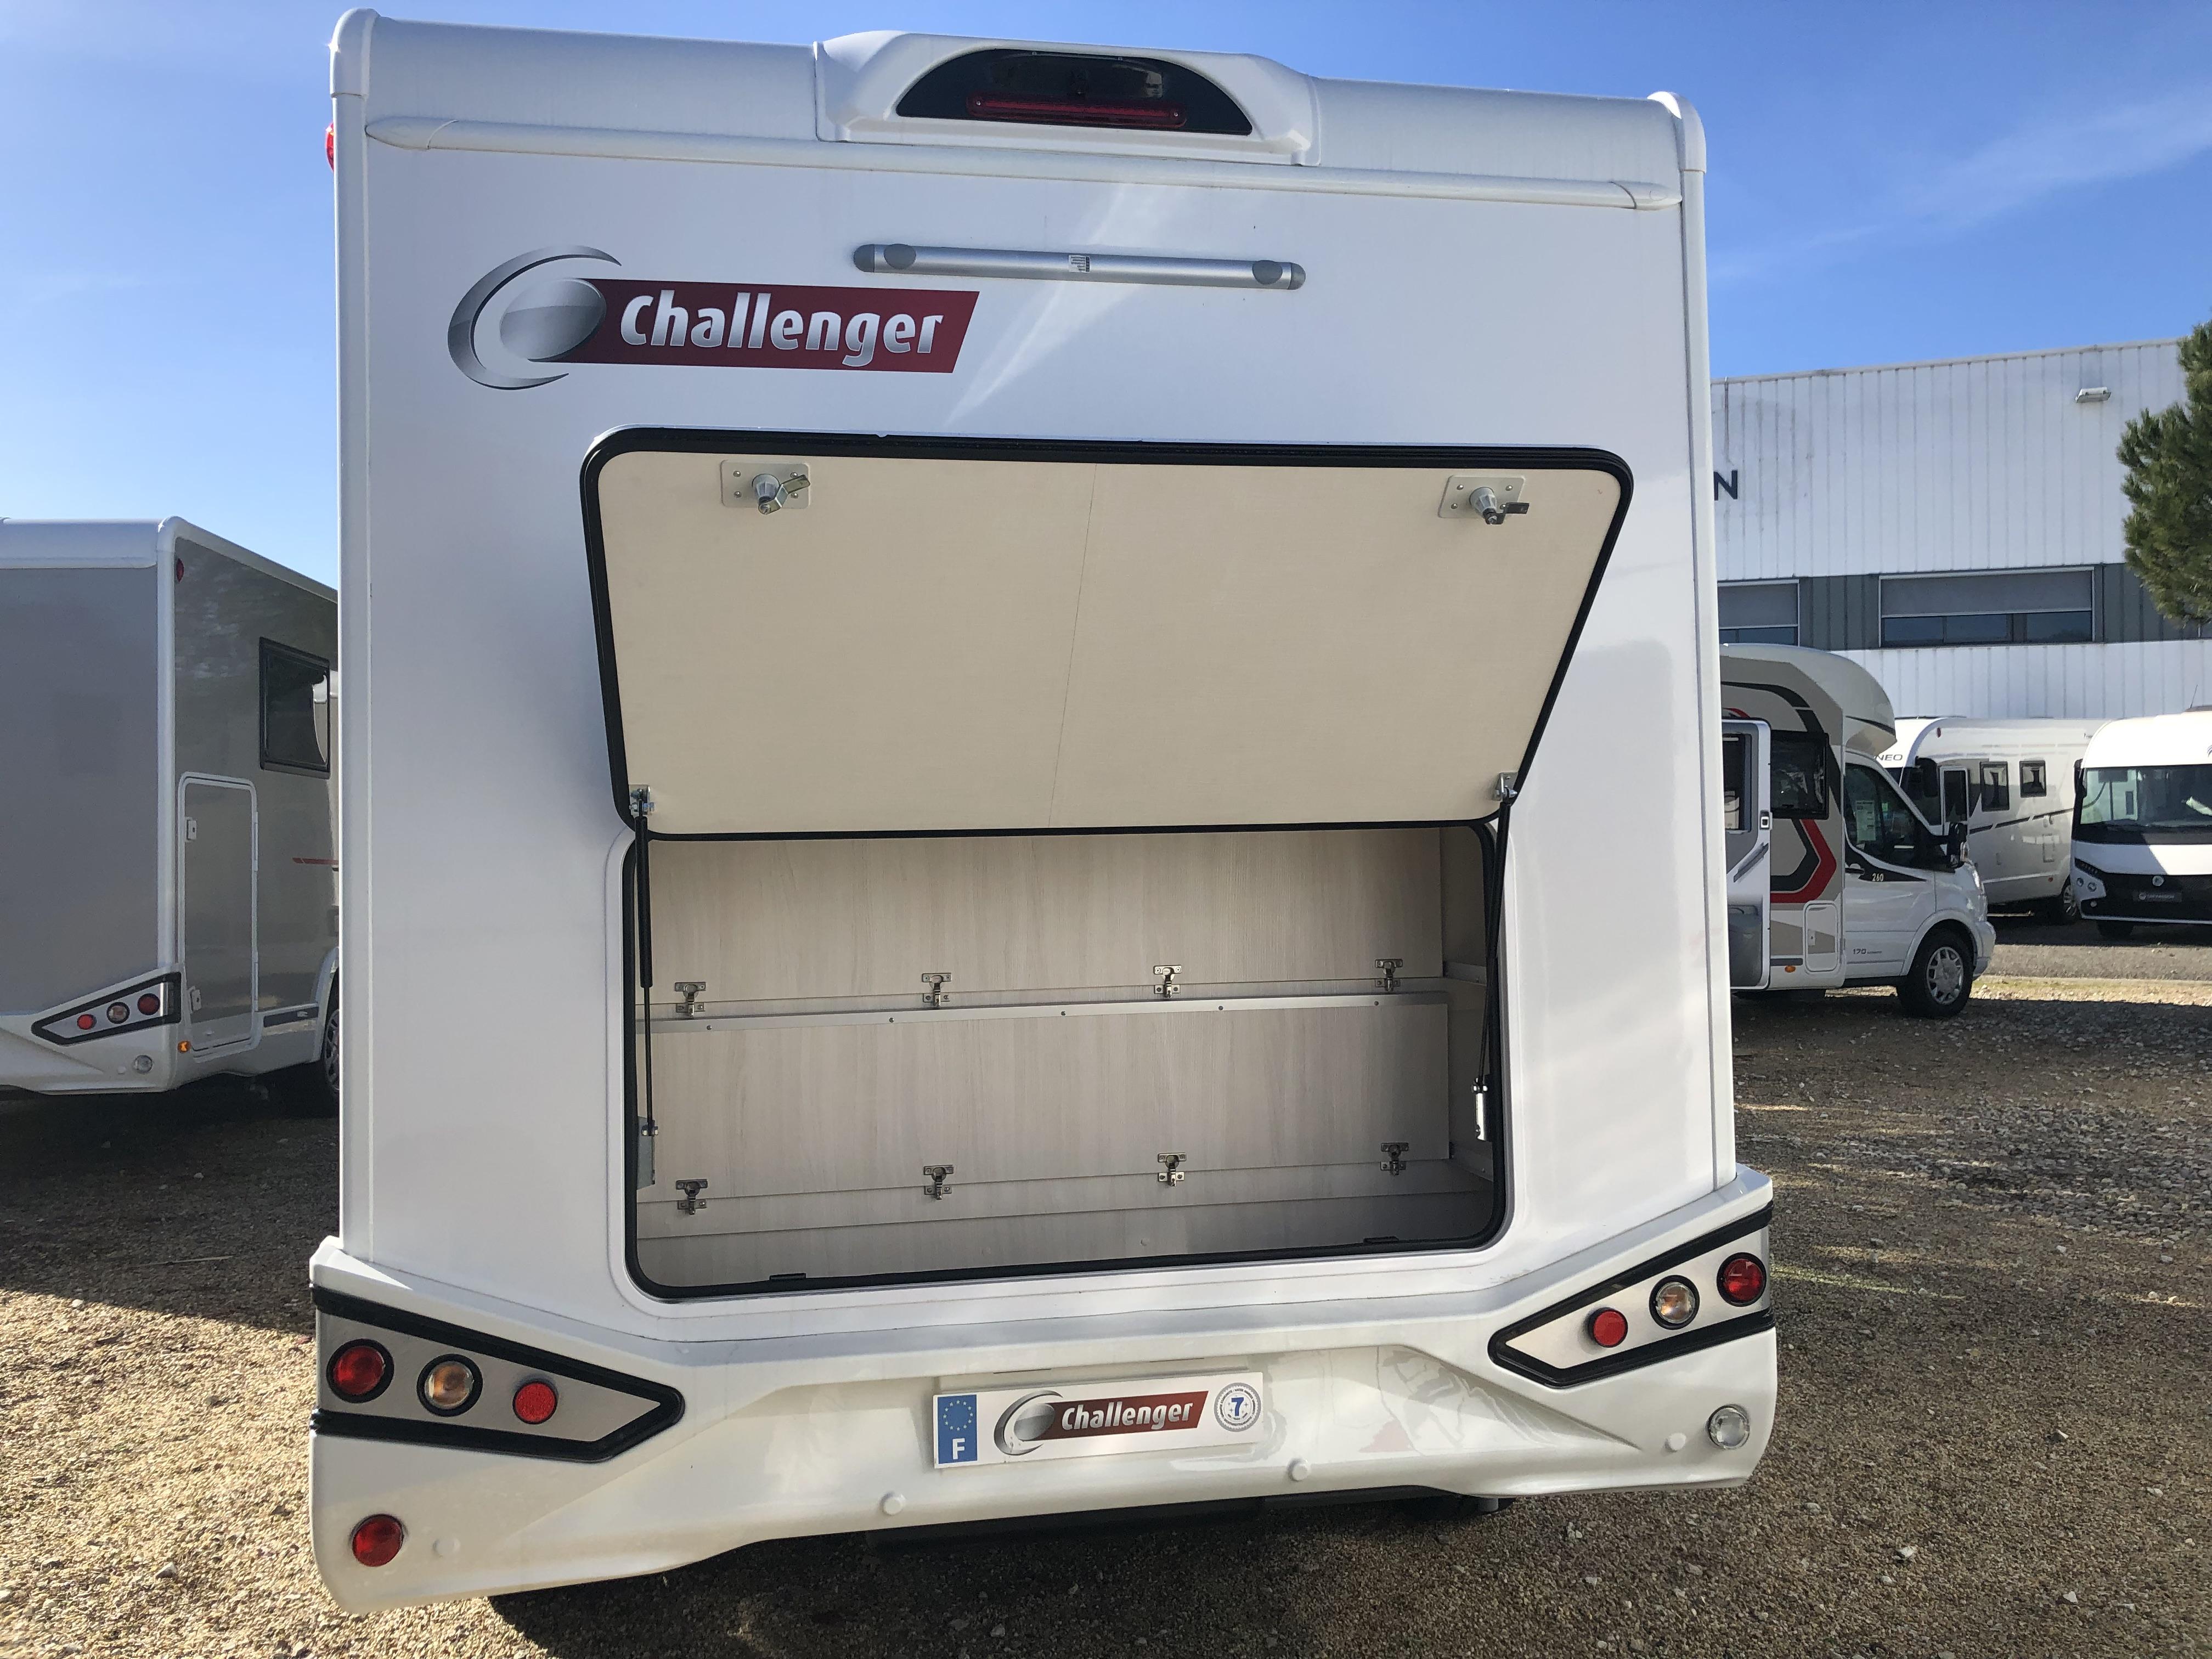 Challenger Mageo 170 - 2